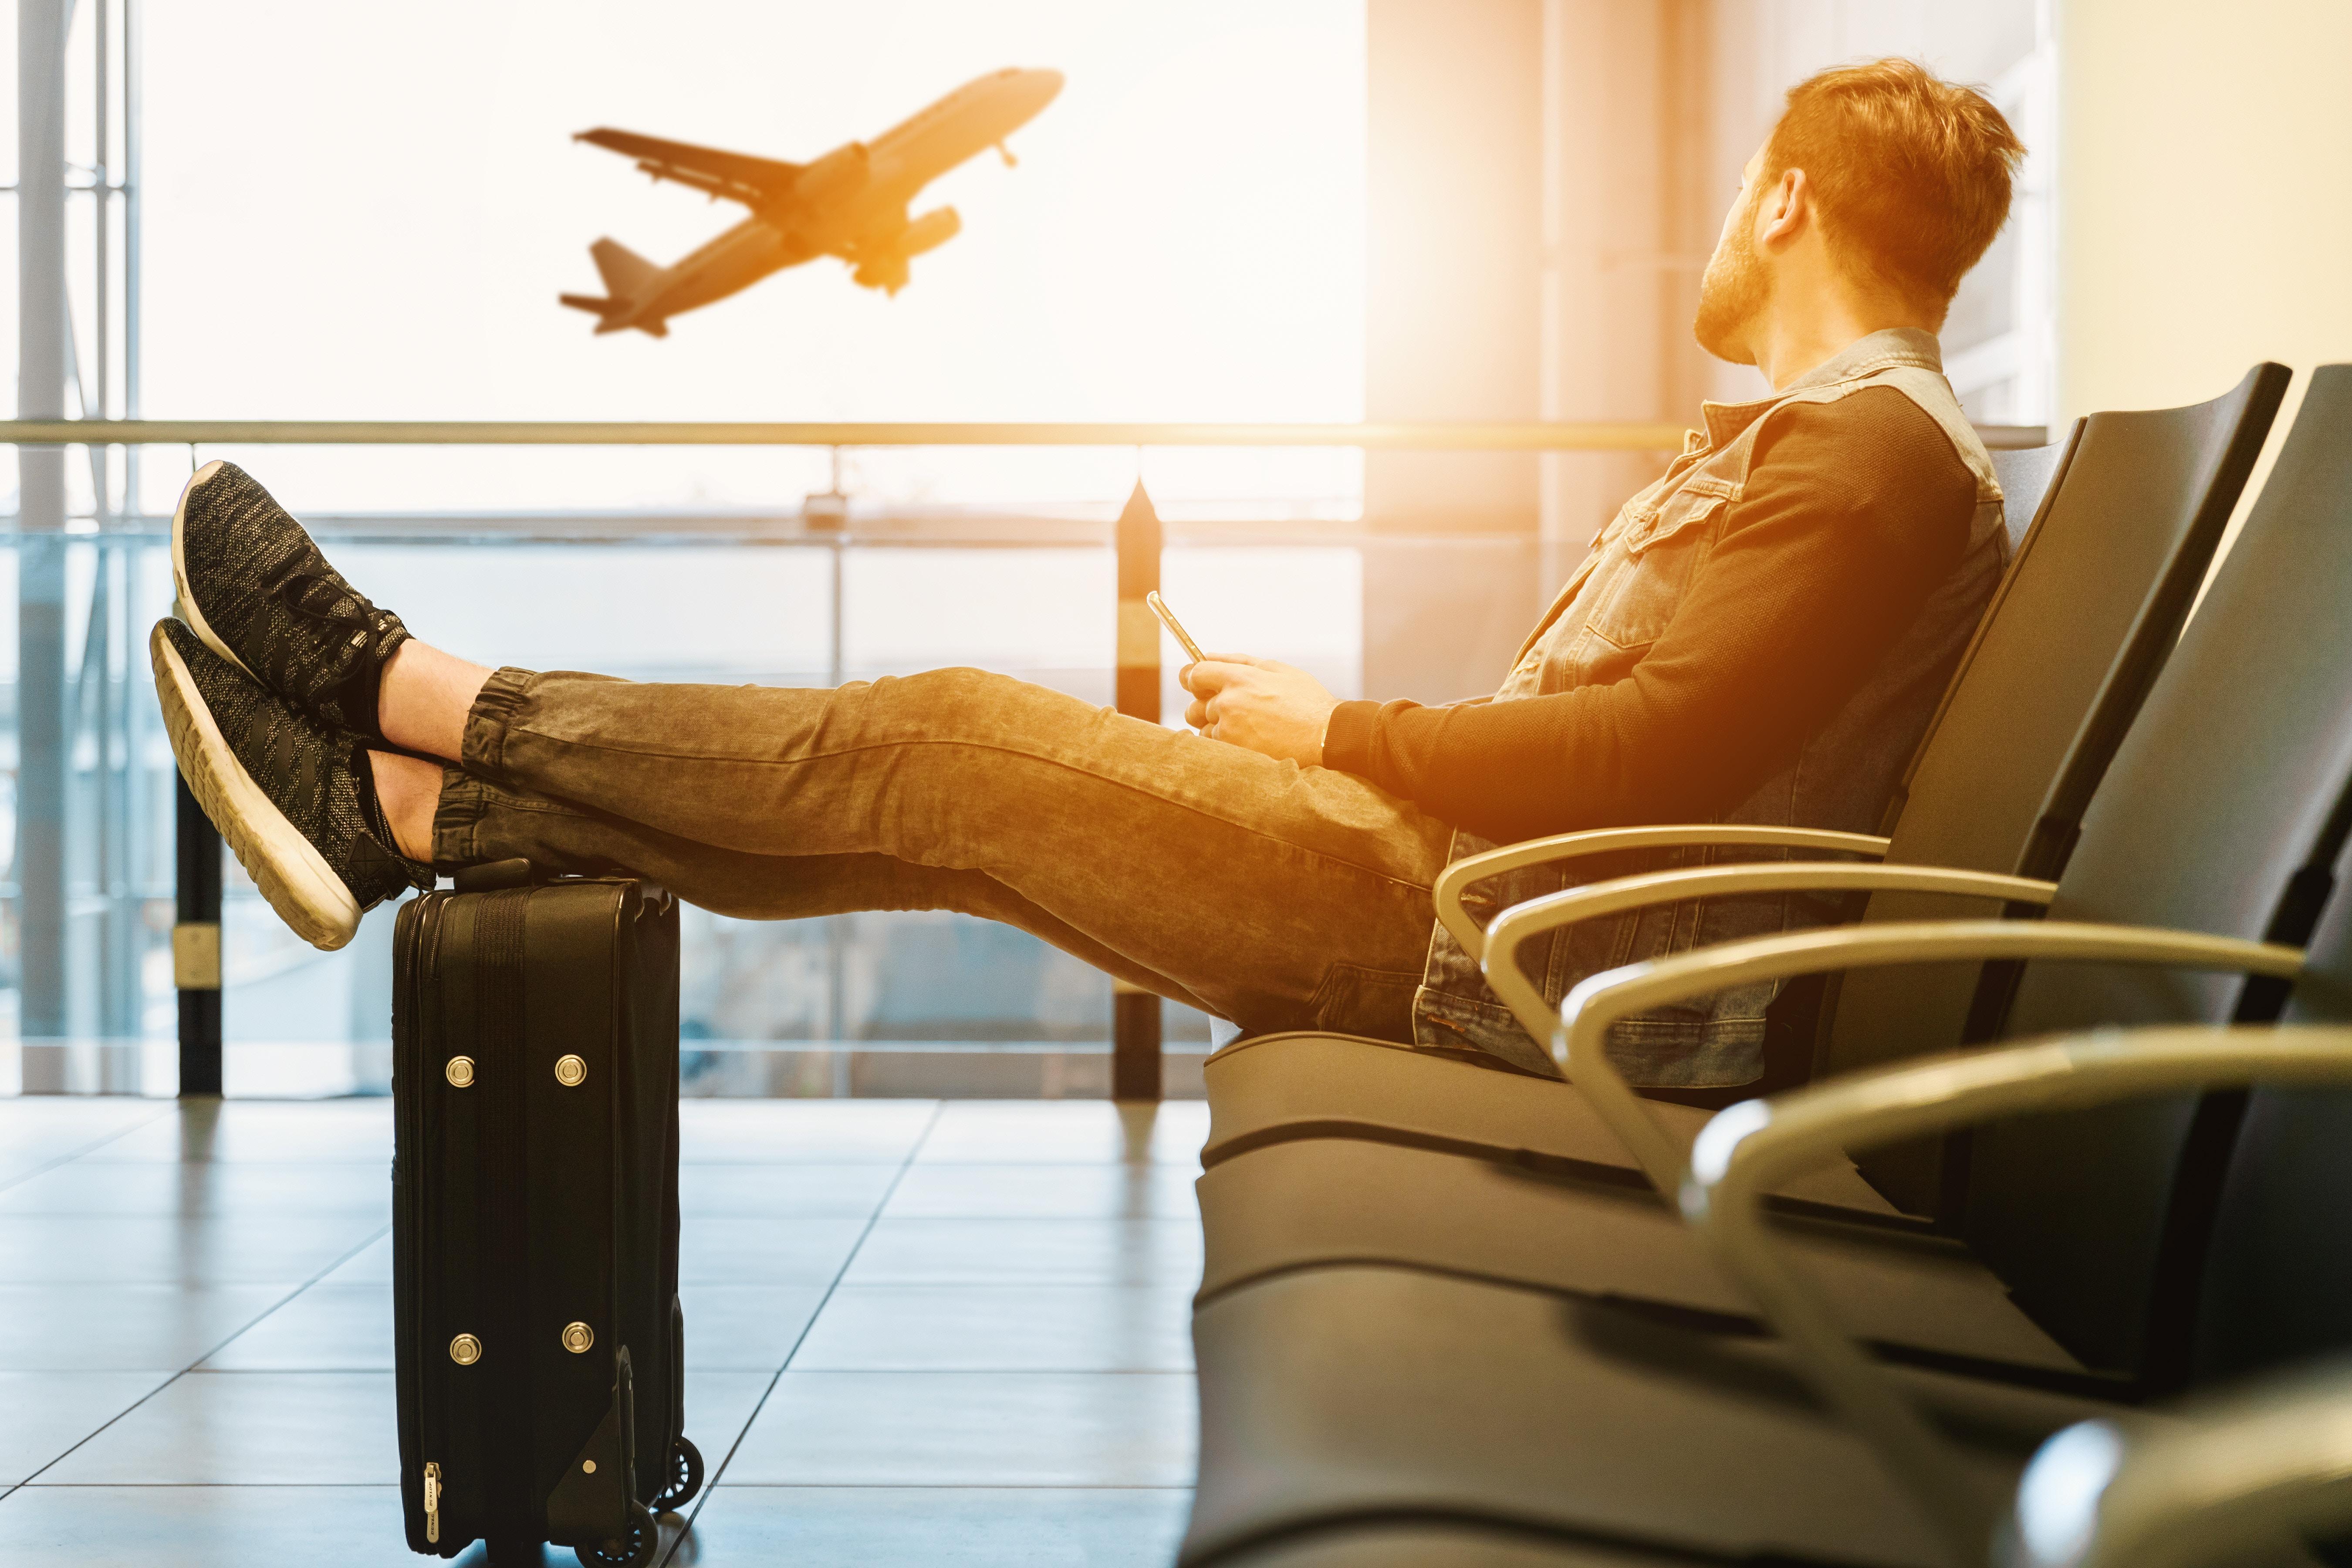 В аэропорту Гонконга откроется самый крупный в Азии зал ожидания для деловых путешественников